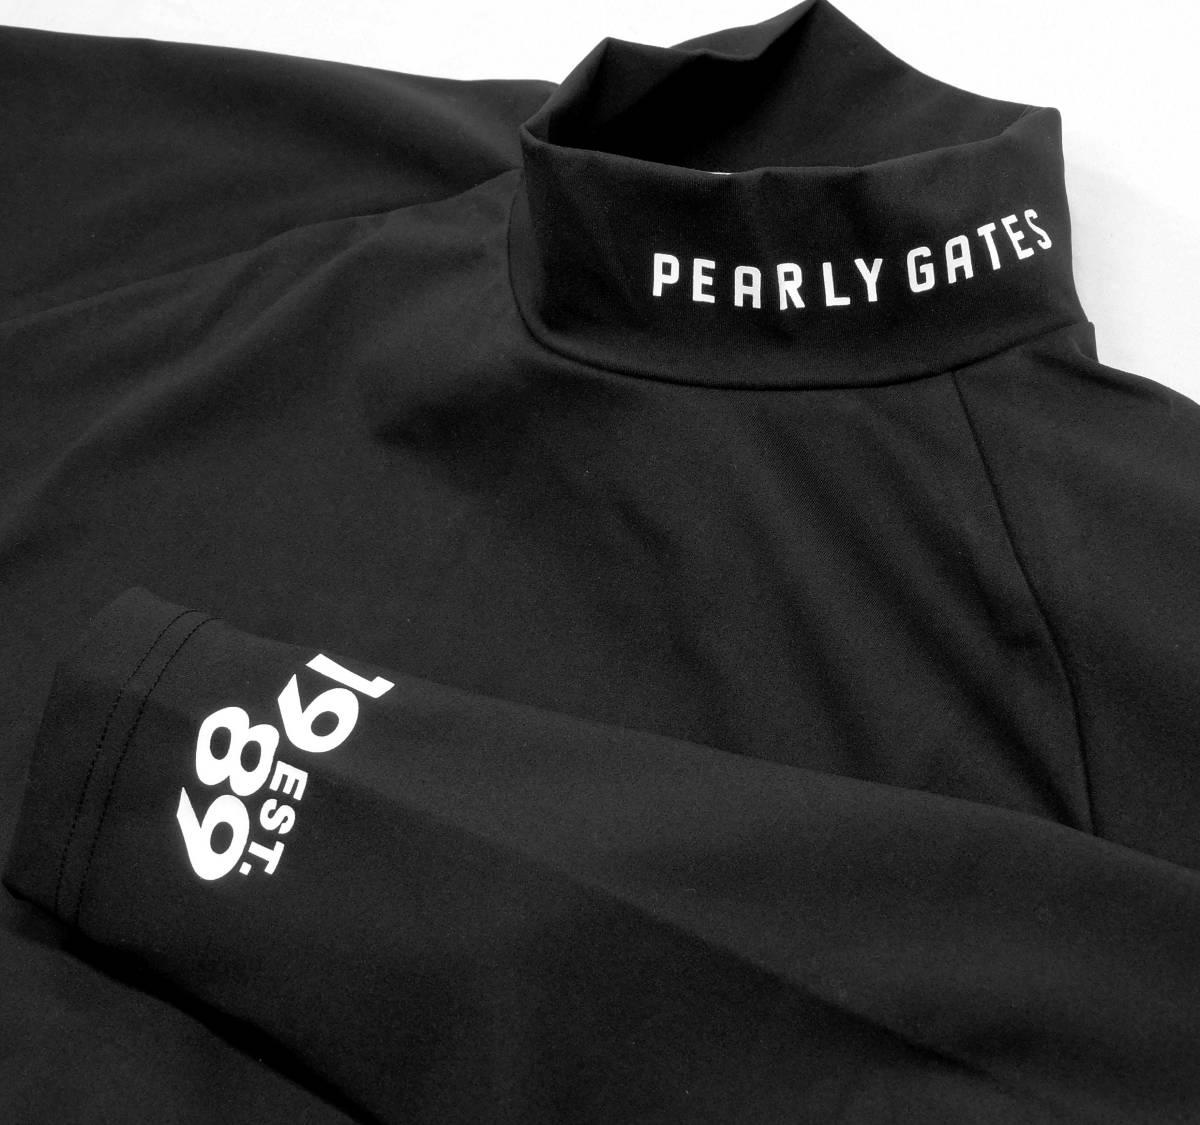 ★ストレッチシャツ★2XLサイズ★PEARLY GATES★大阪発送★ブラック★パーリーゲイツ★ハ